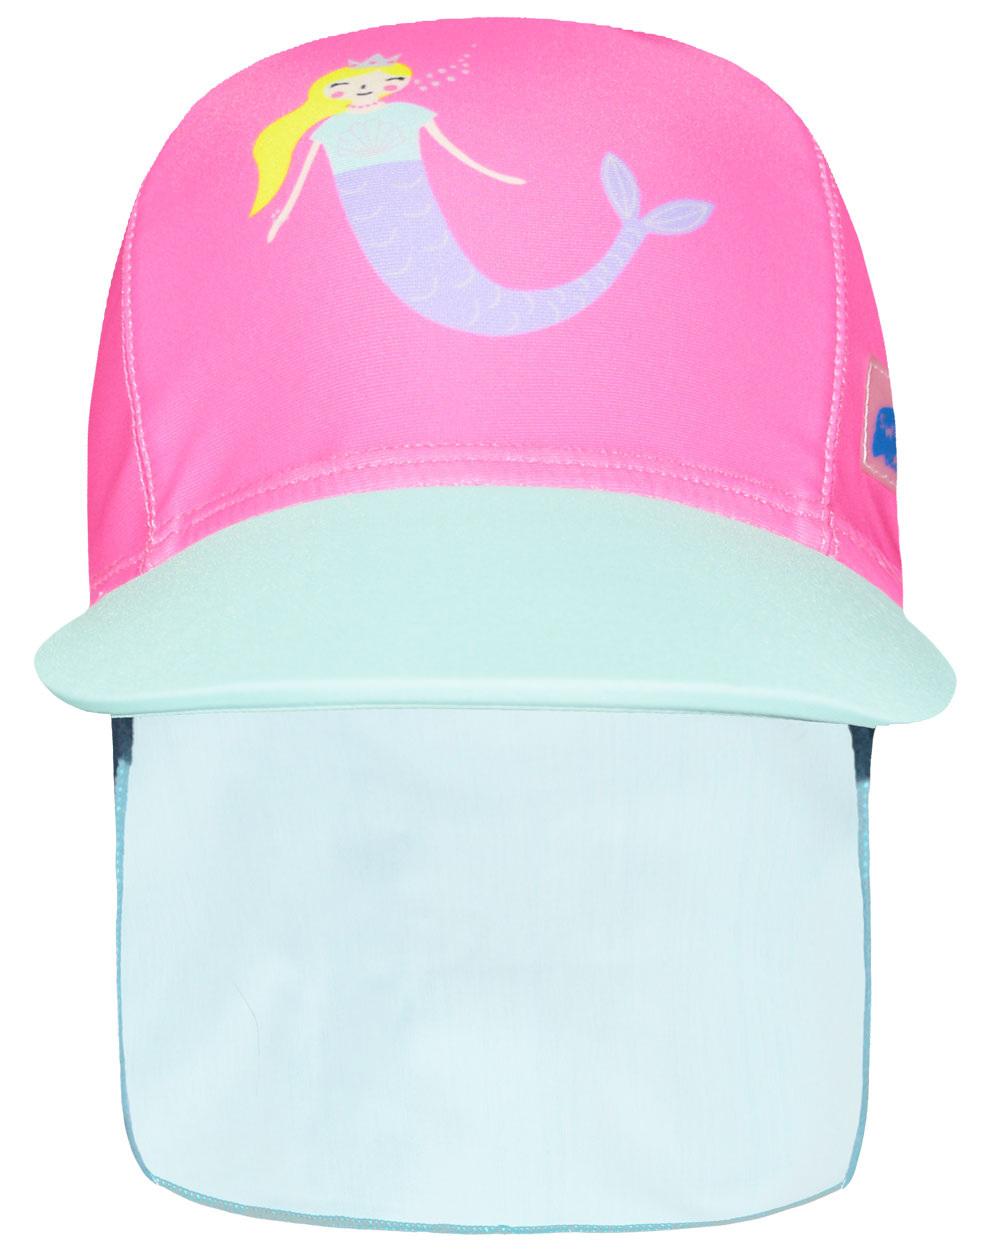 Καπέλο με ηλιοπροστασία (uv protection)